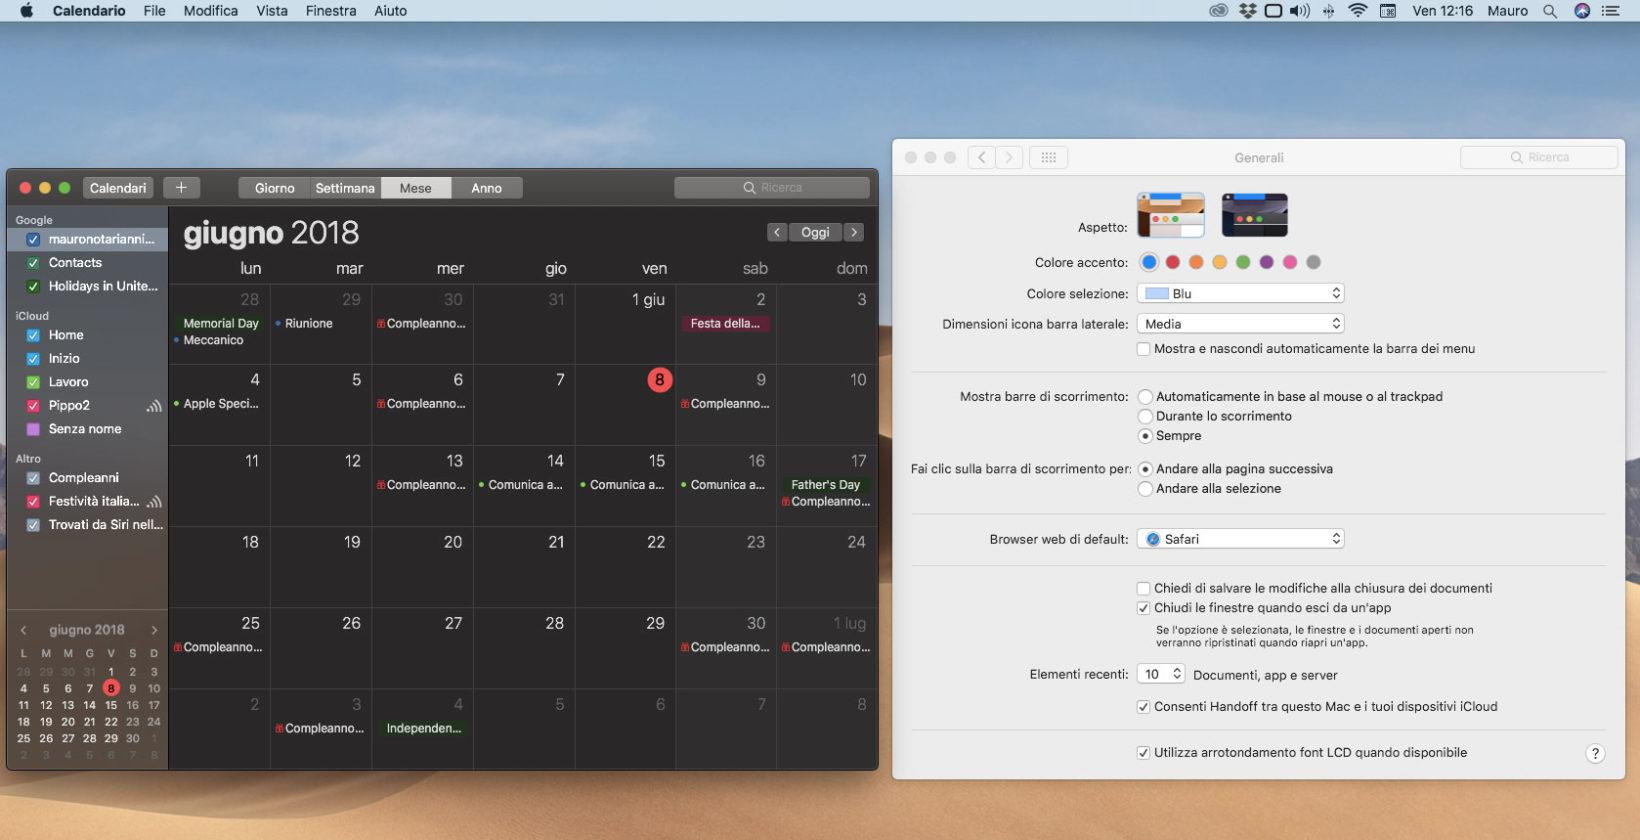 L'applicazione Calendario con l'effetto Dark